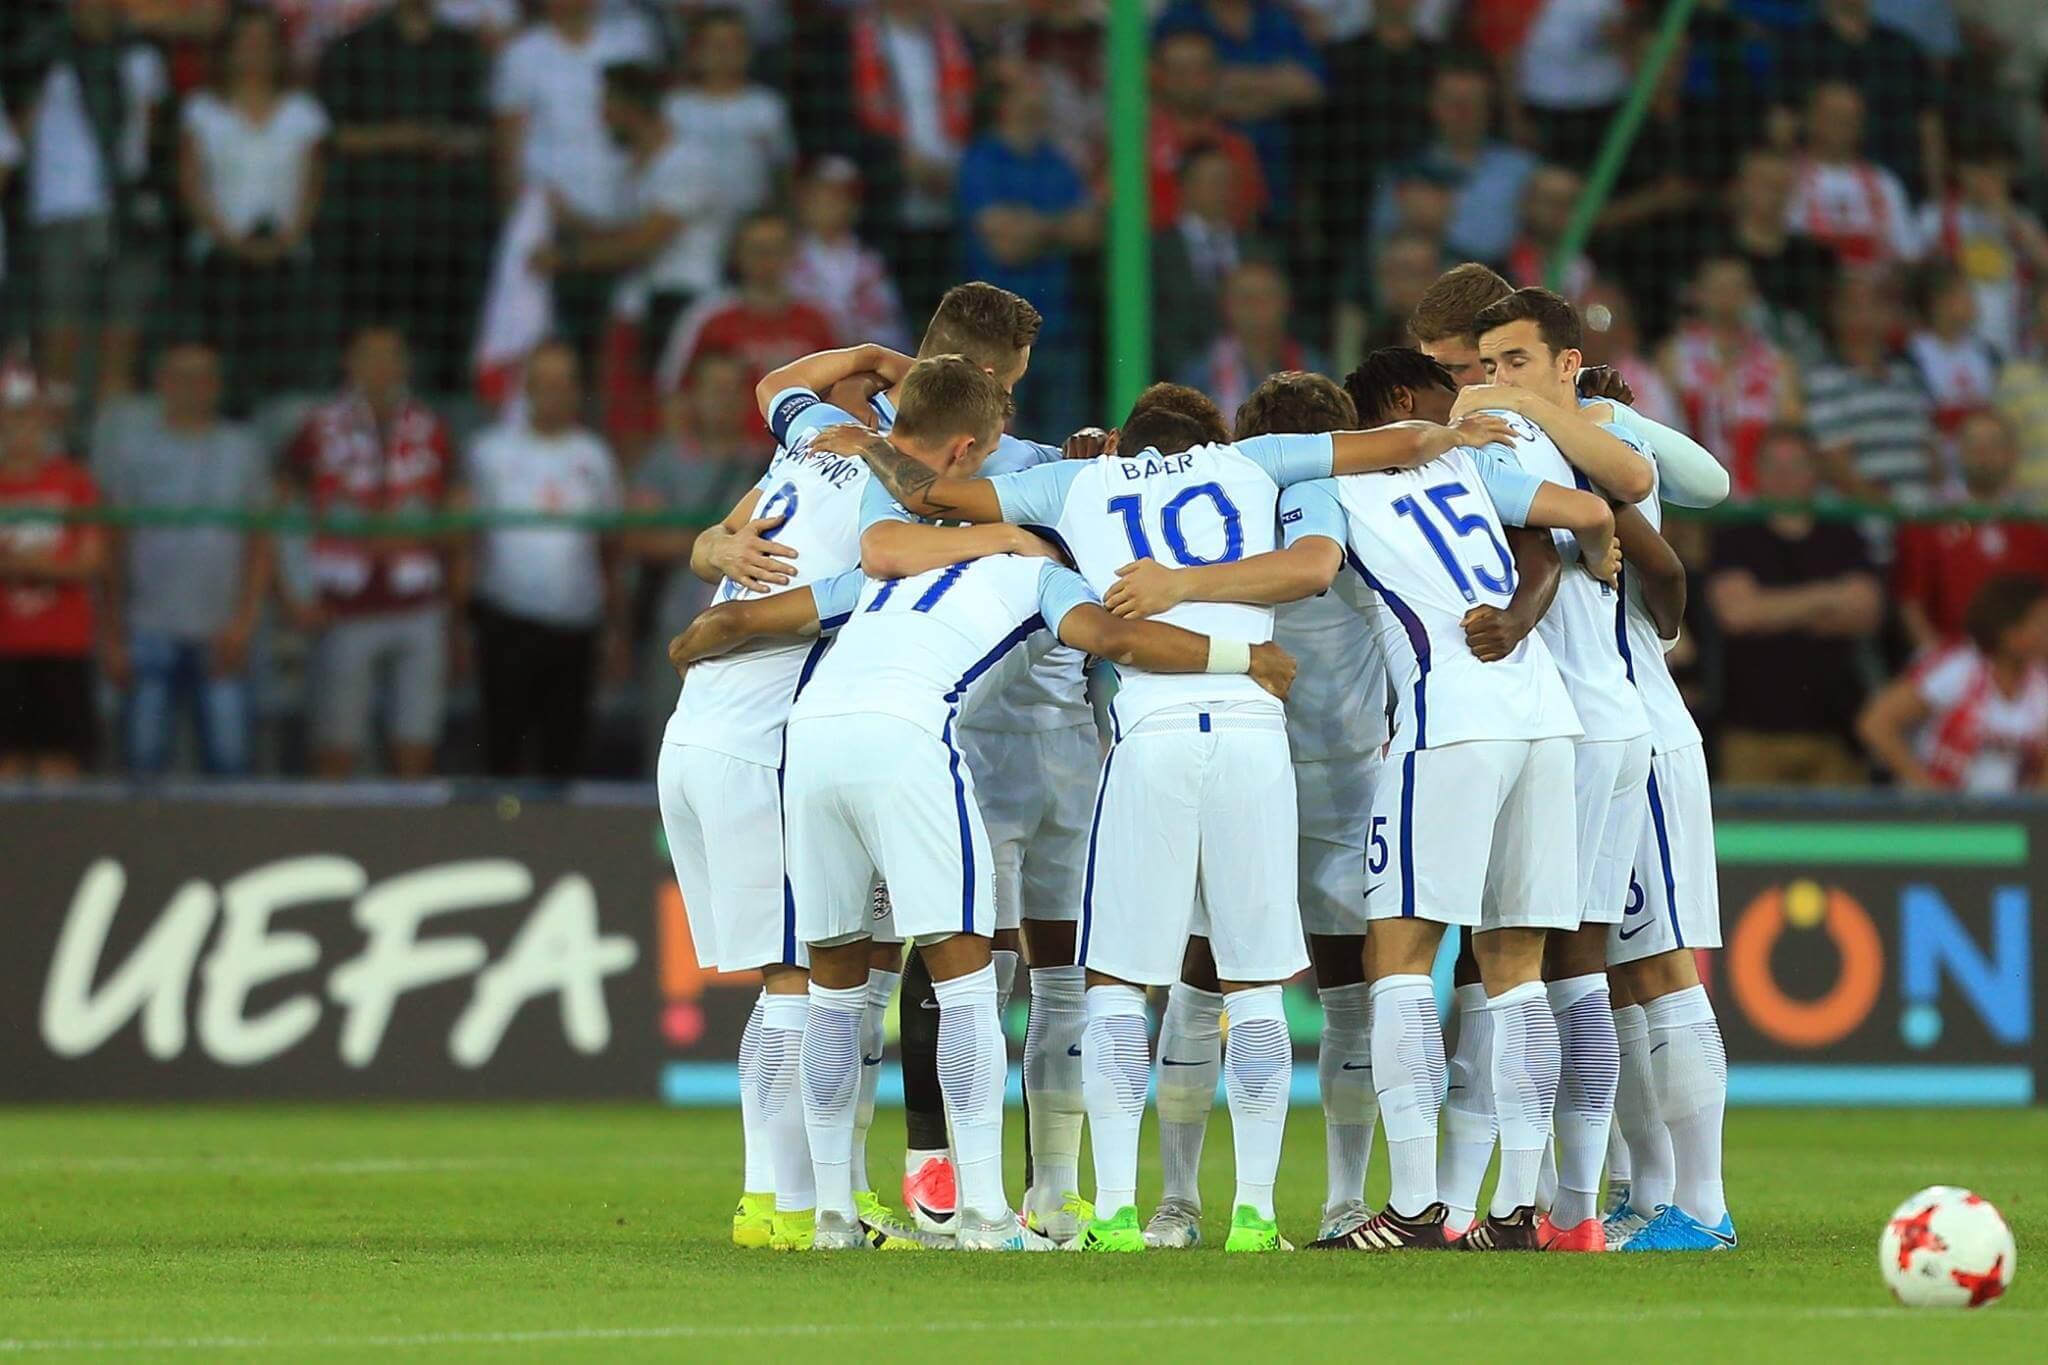 Reprezentacja Anglii U21